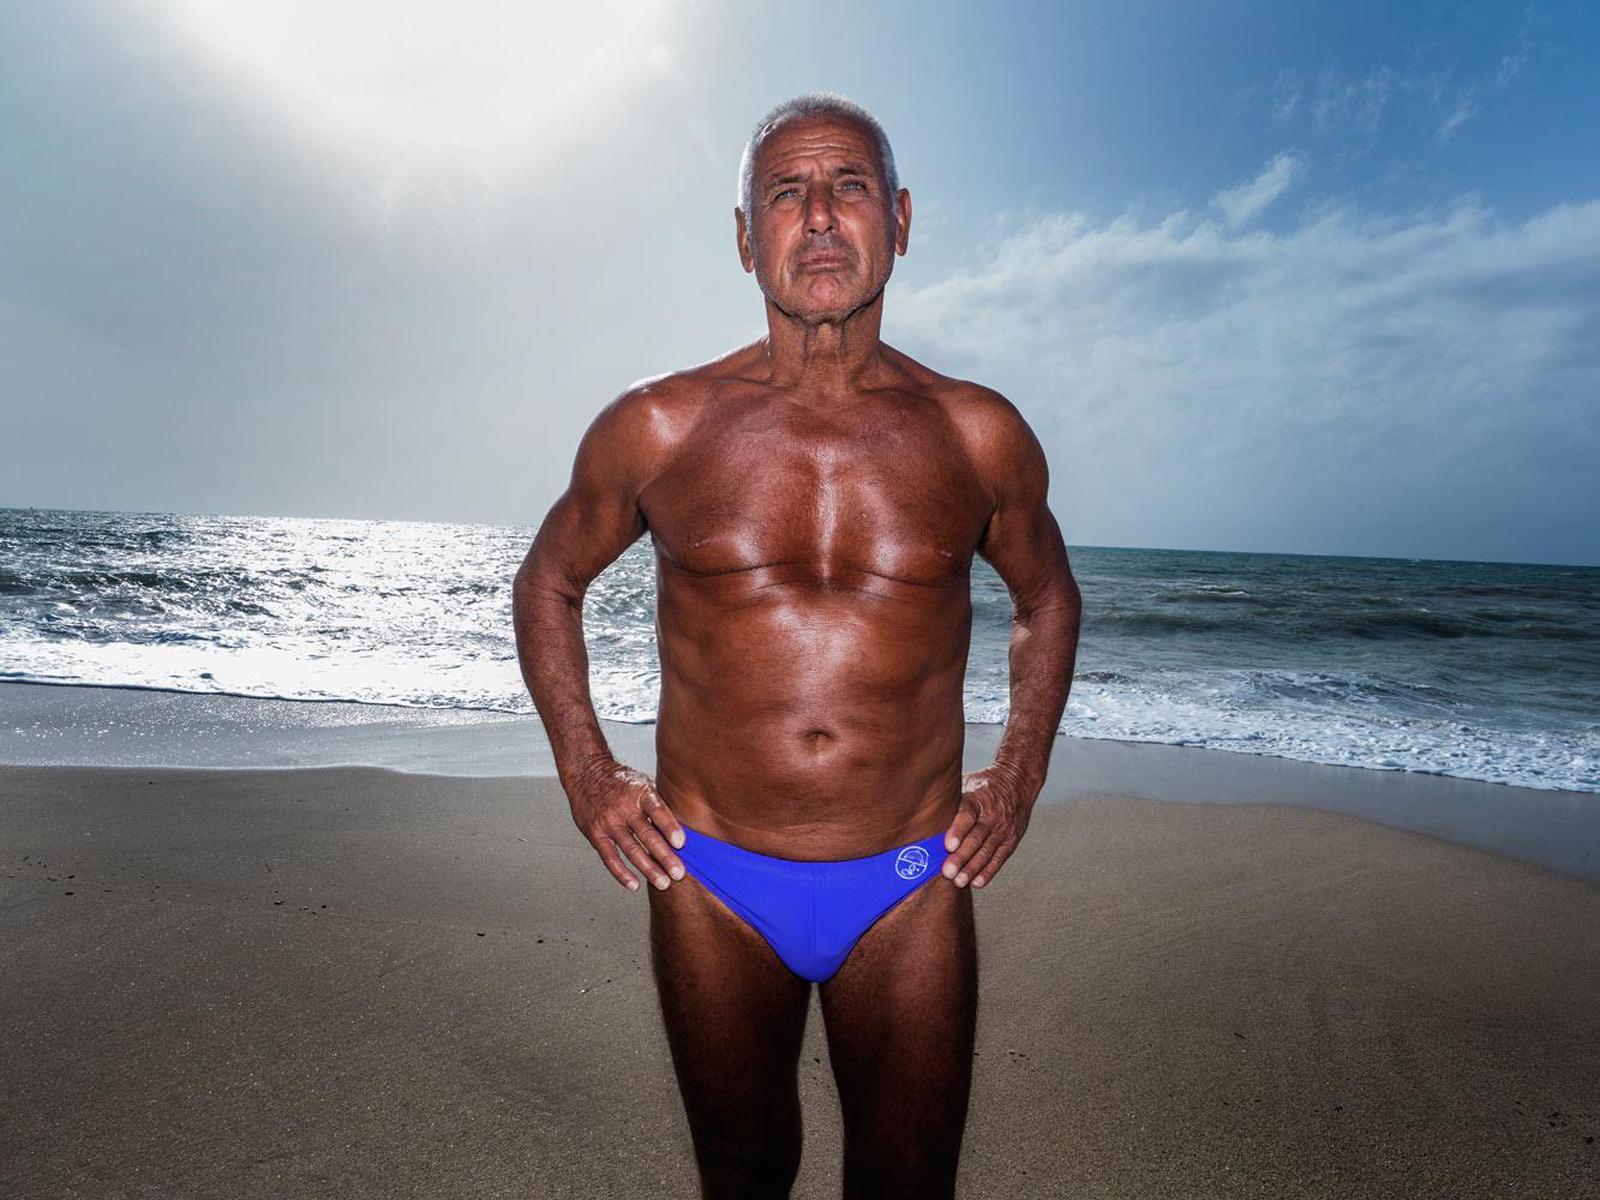 Κολυμβητές γκέι σεξ